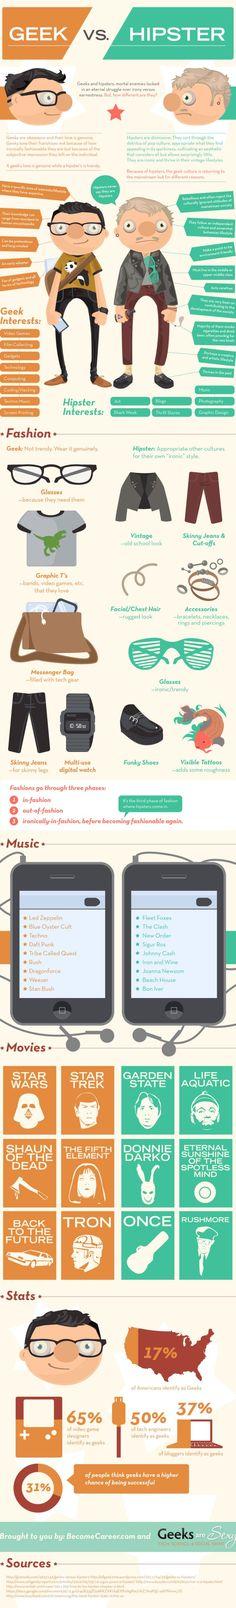 Geeks vs Hipsters